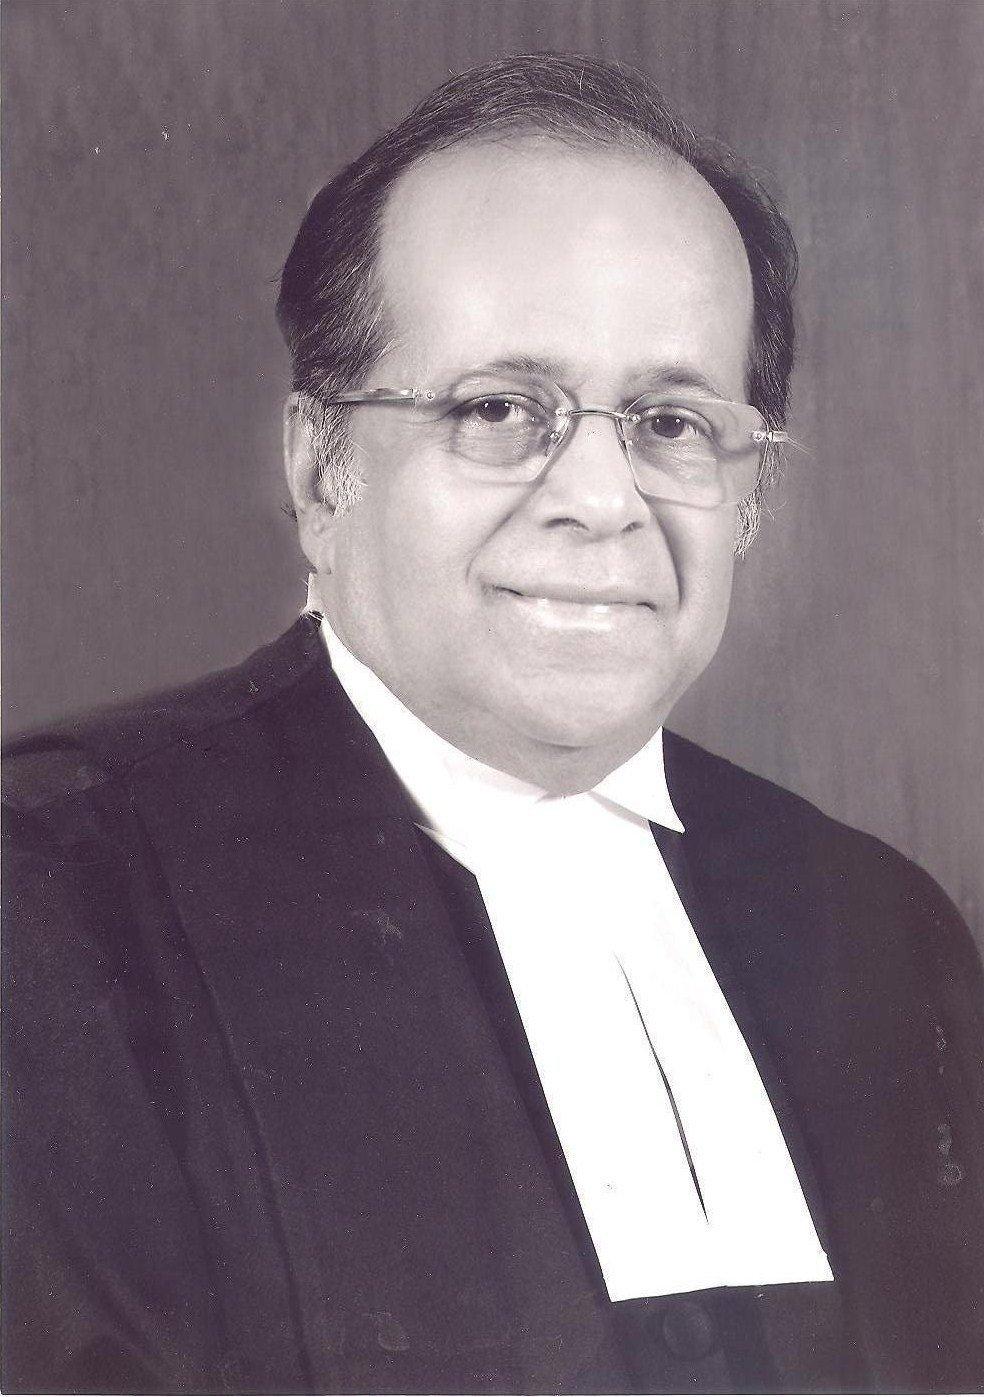 ജസ്റ്റിസ് അശോക് കുമാര് ഗാംഗുലി